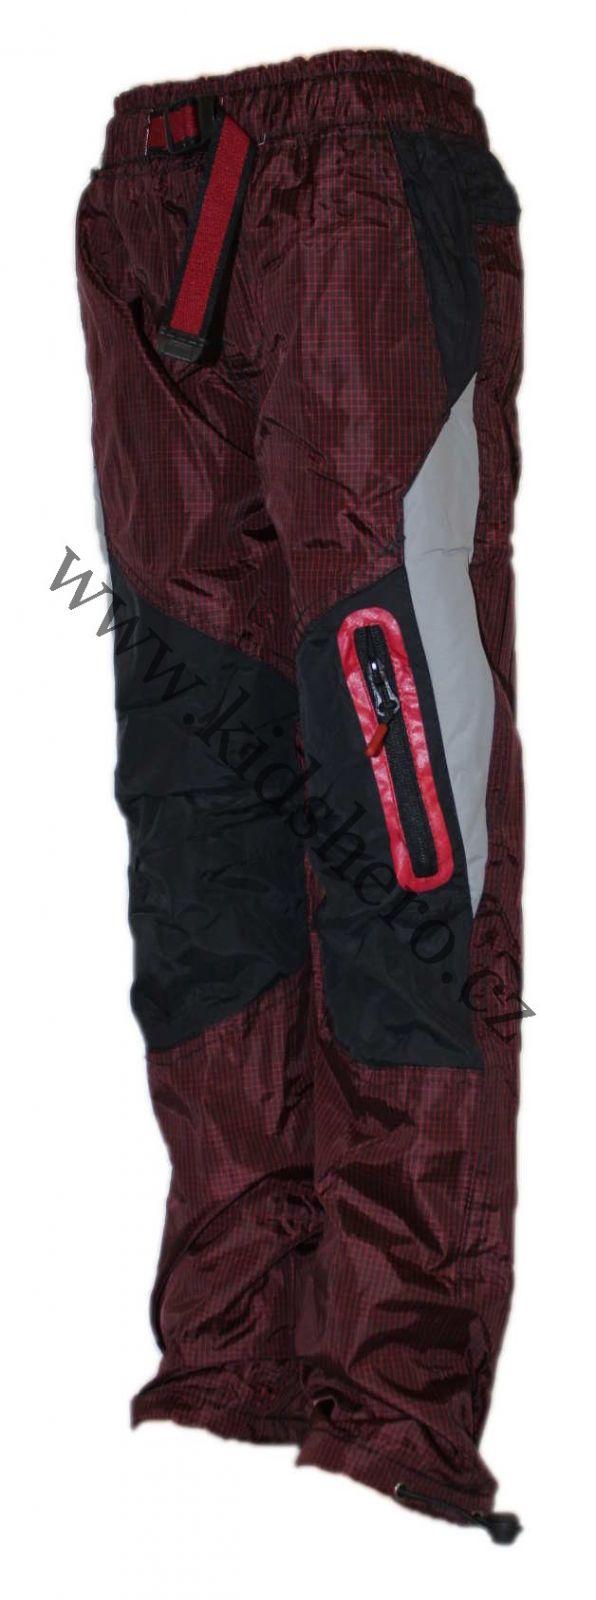 Dětské zateplené nepromokavé kalhoty, chlapecké kalhoty Grace, zateplené kalhoty Grace, zimní kalhoty, podzimní kalhoty